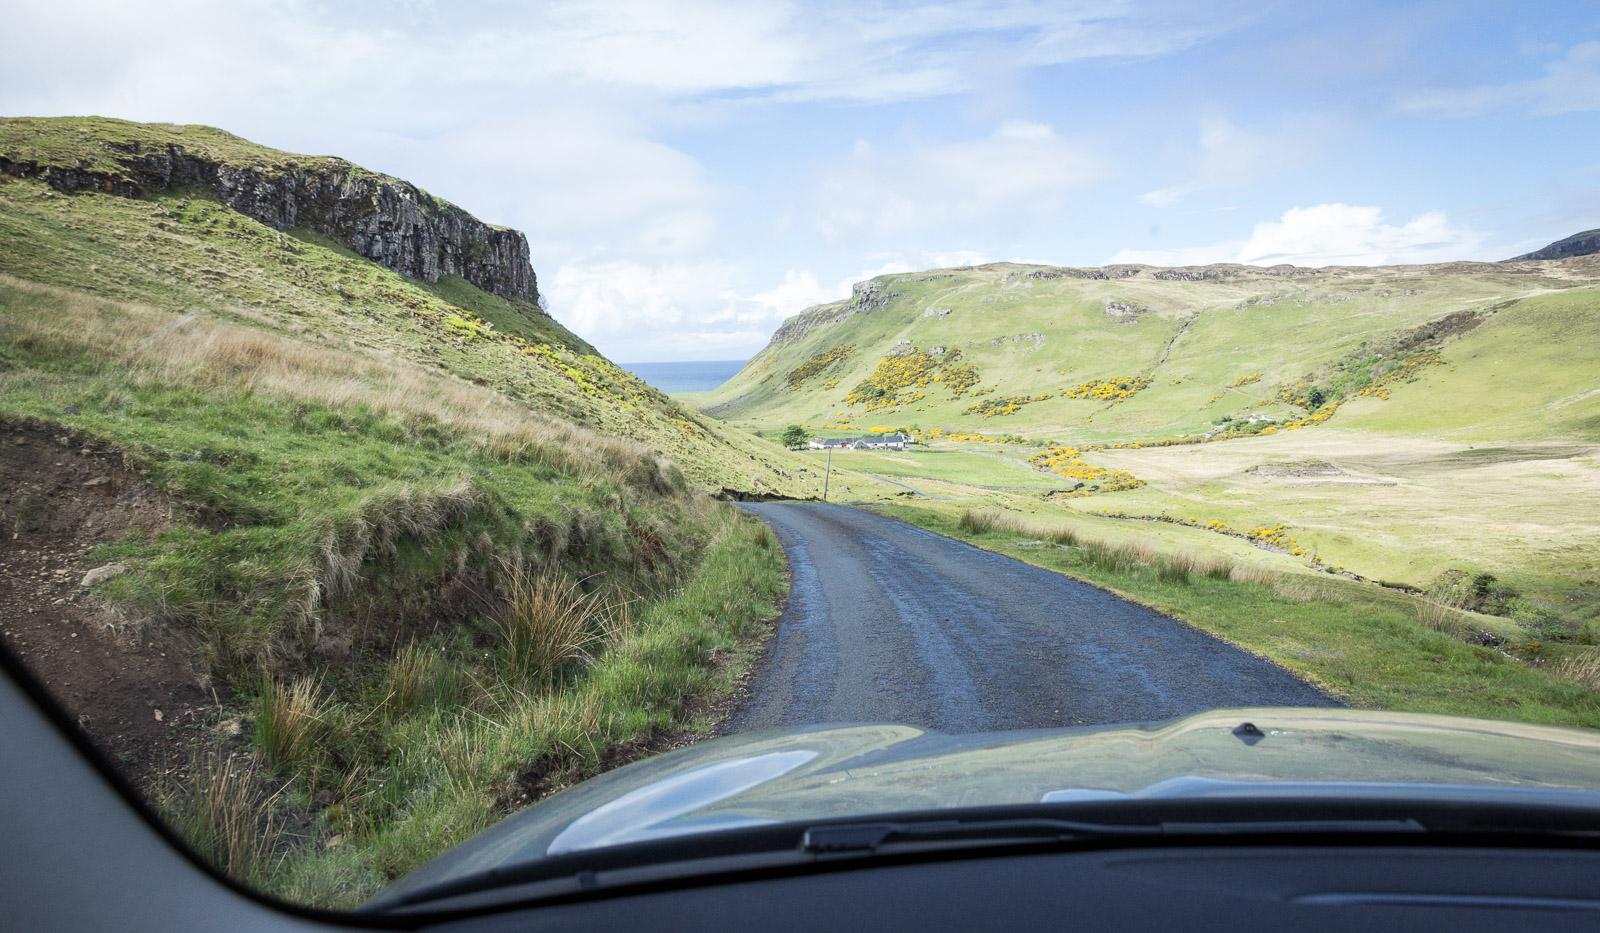 Straße zum Loch Brittle in Schottland